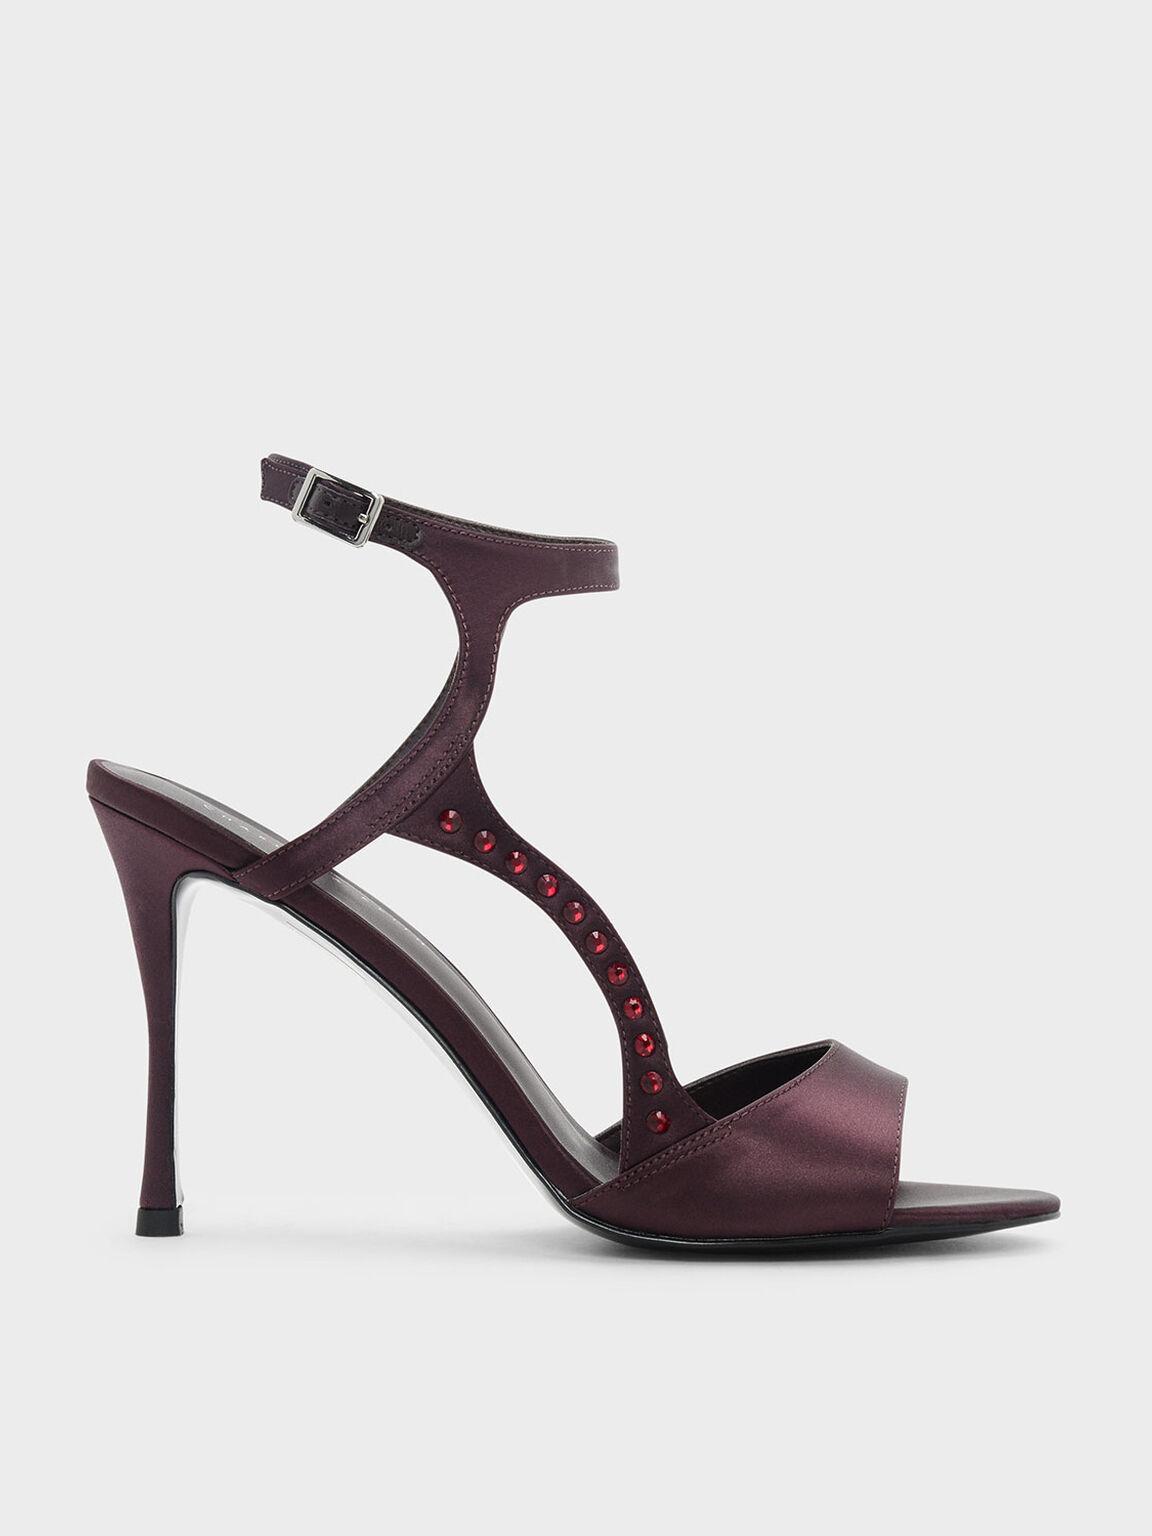 Embellished Heeled Sandals, Burgundy, hi-res